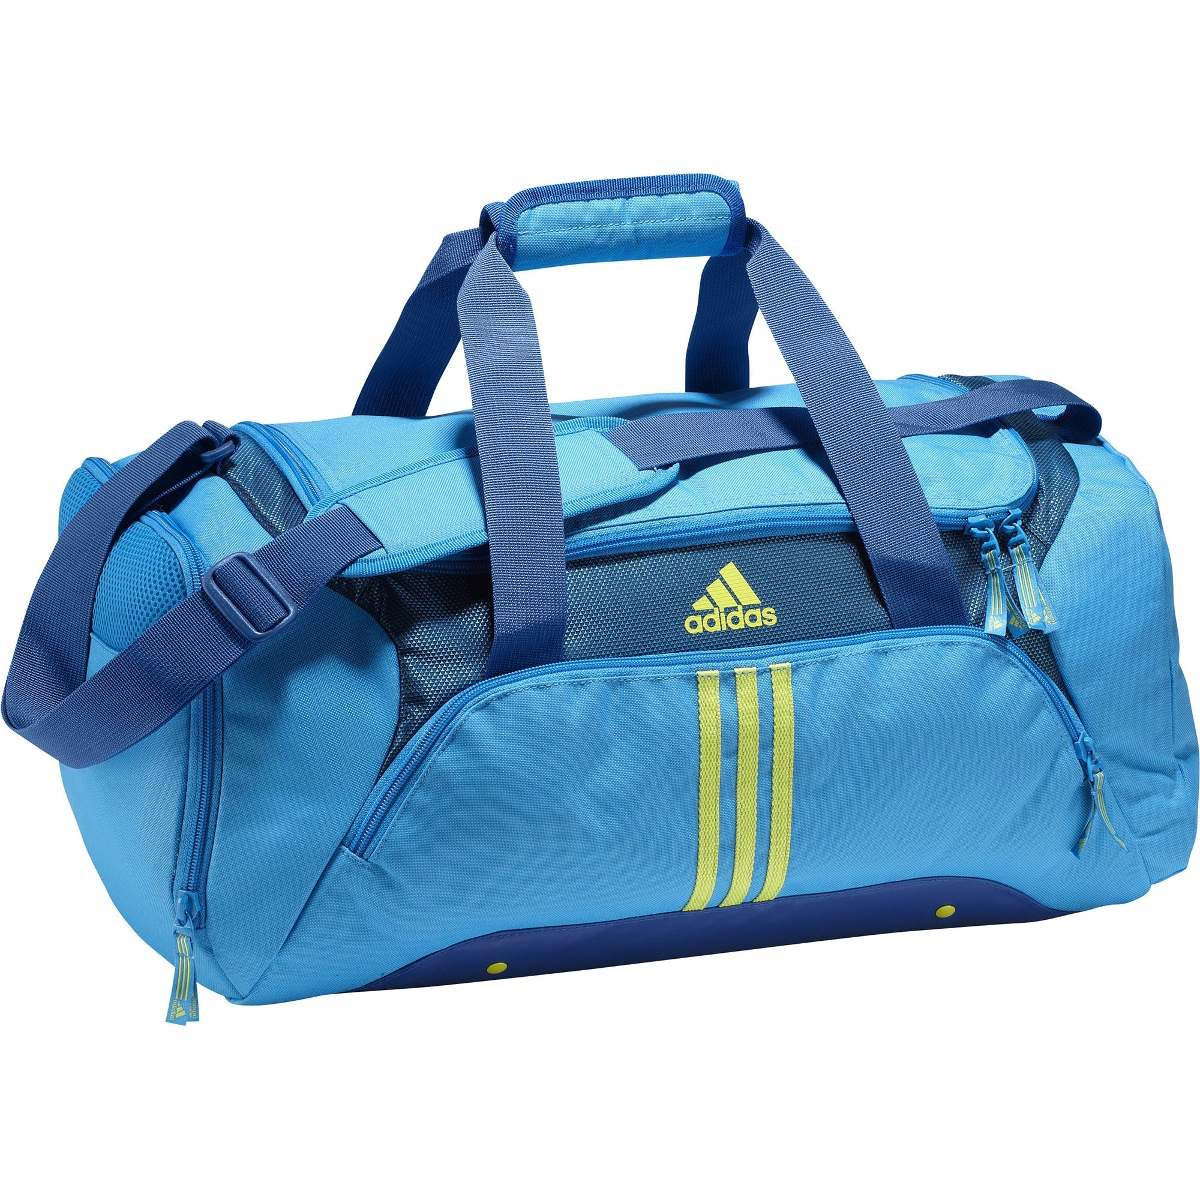 En Adidas Bolso 689 Entrenamiento Mercado Libre Gym 00 q4nwSOnXd